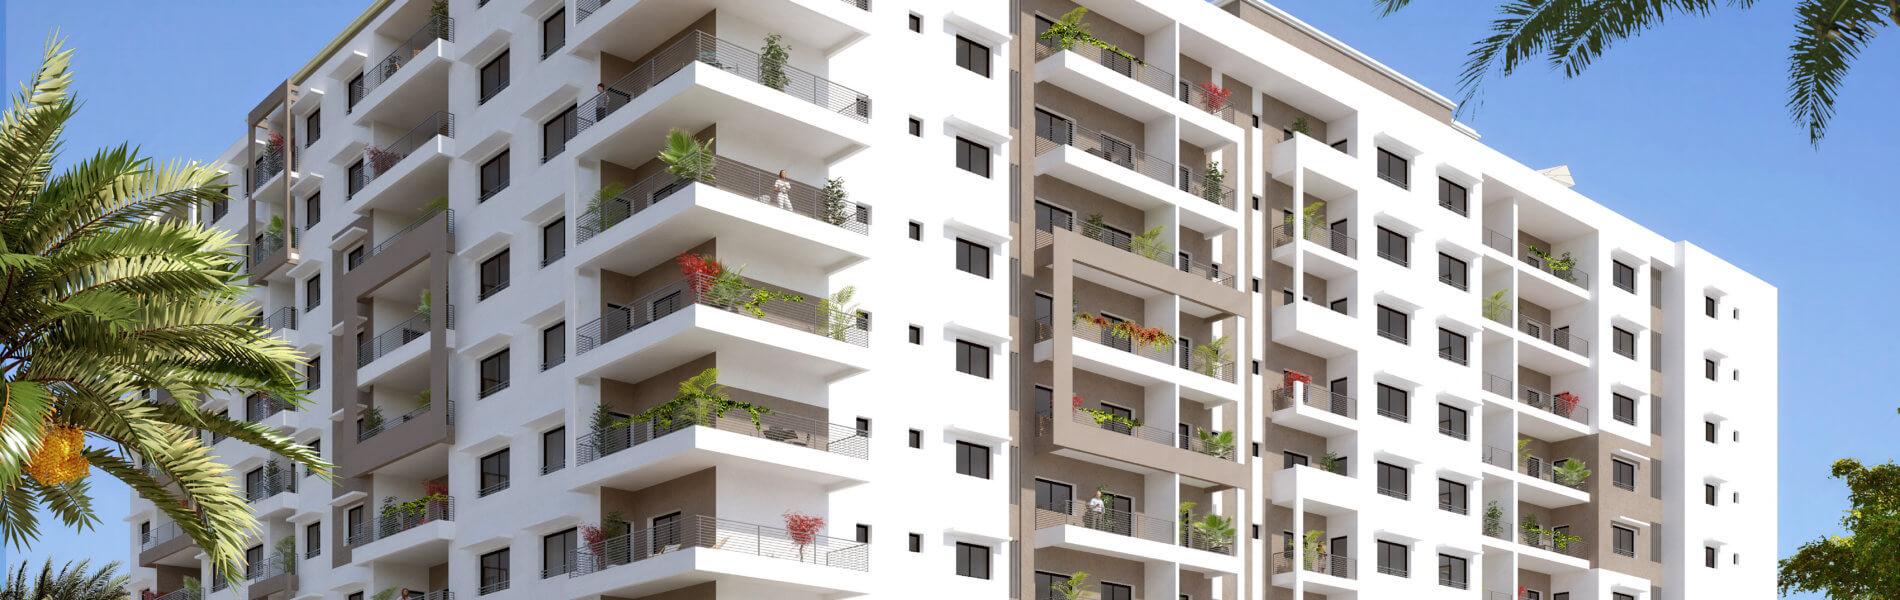 Logement neuf à usage d'habitation : Le coût de construction a progressé de 0,4% au deuxième trimestre 2019